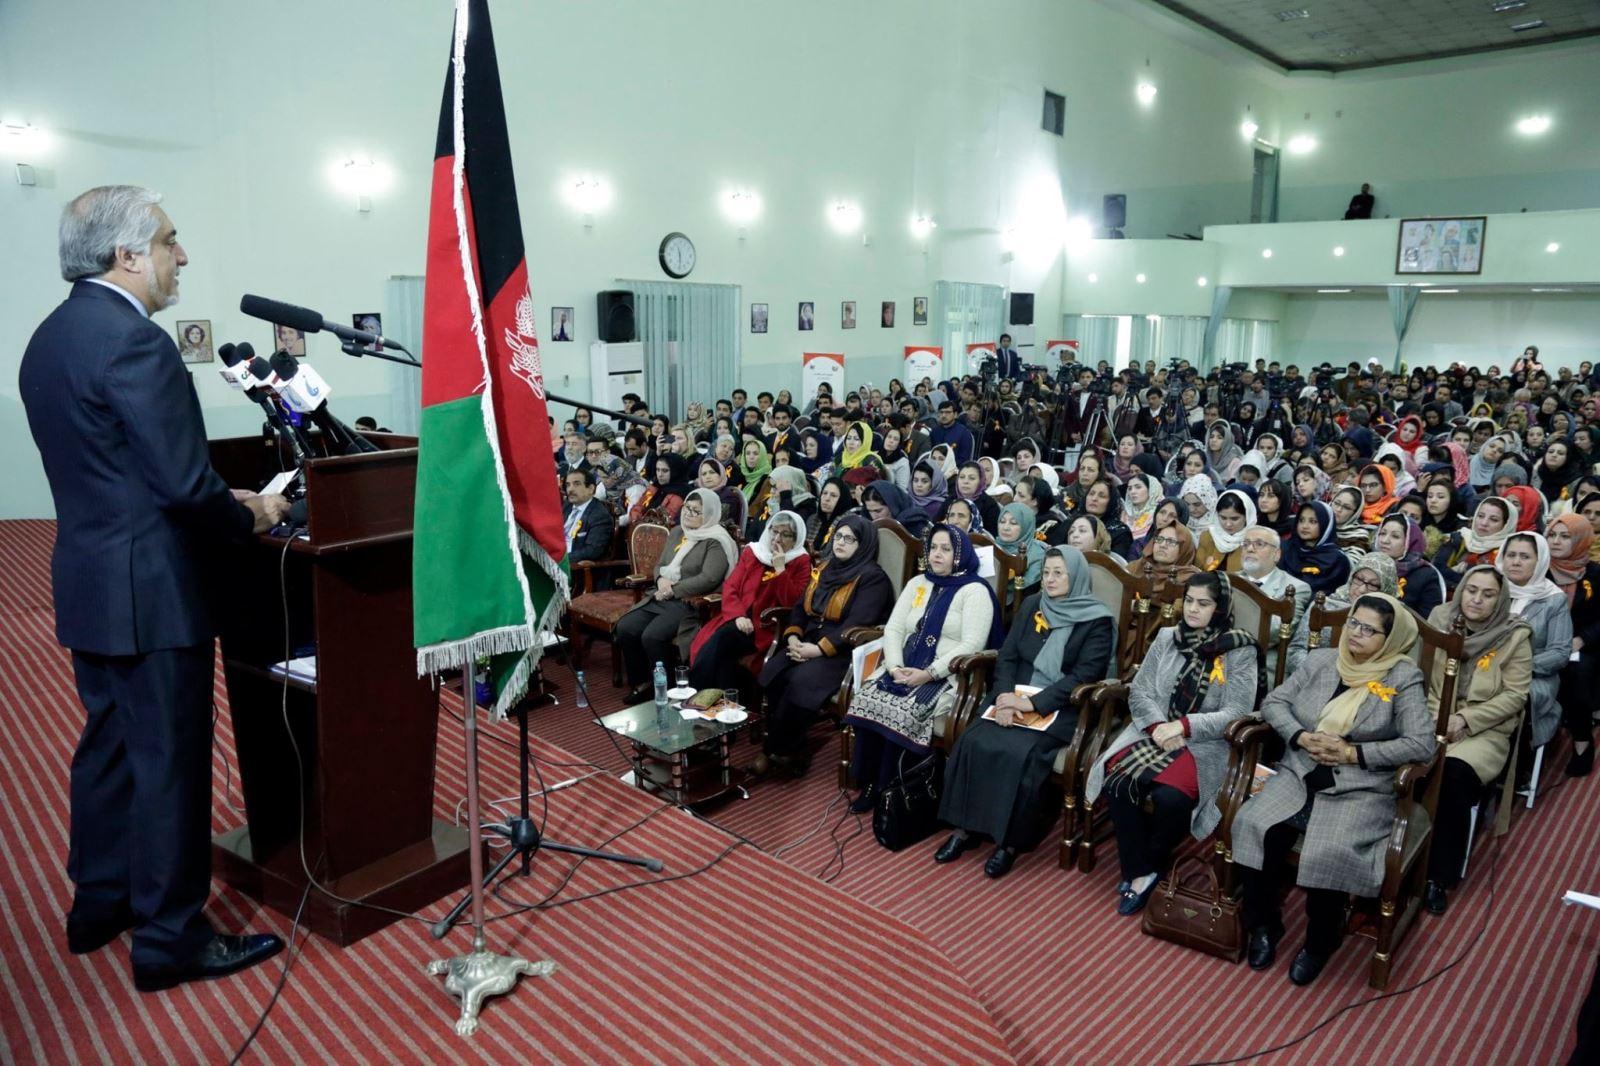 دکتور عبدالله عبدلله: توسعه پایدار بدون مشارکت زنان امکانپذیر نیست